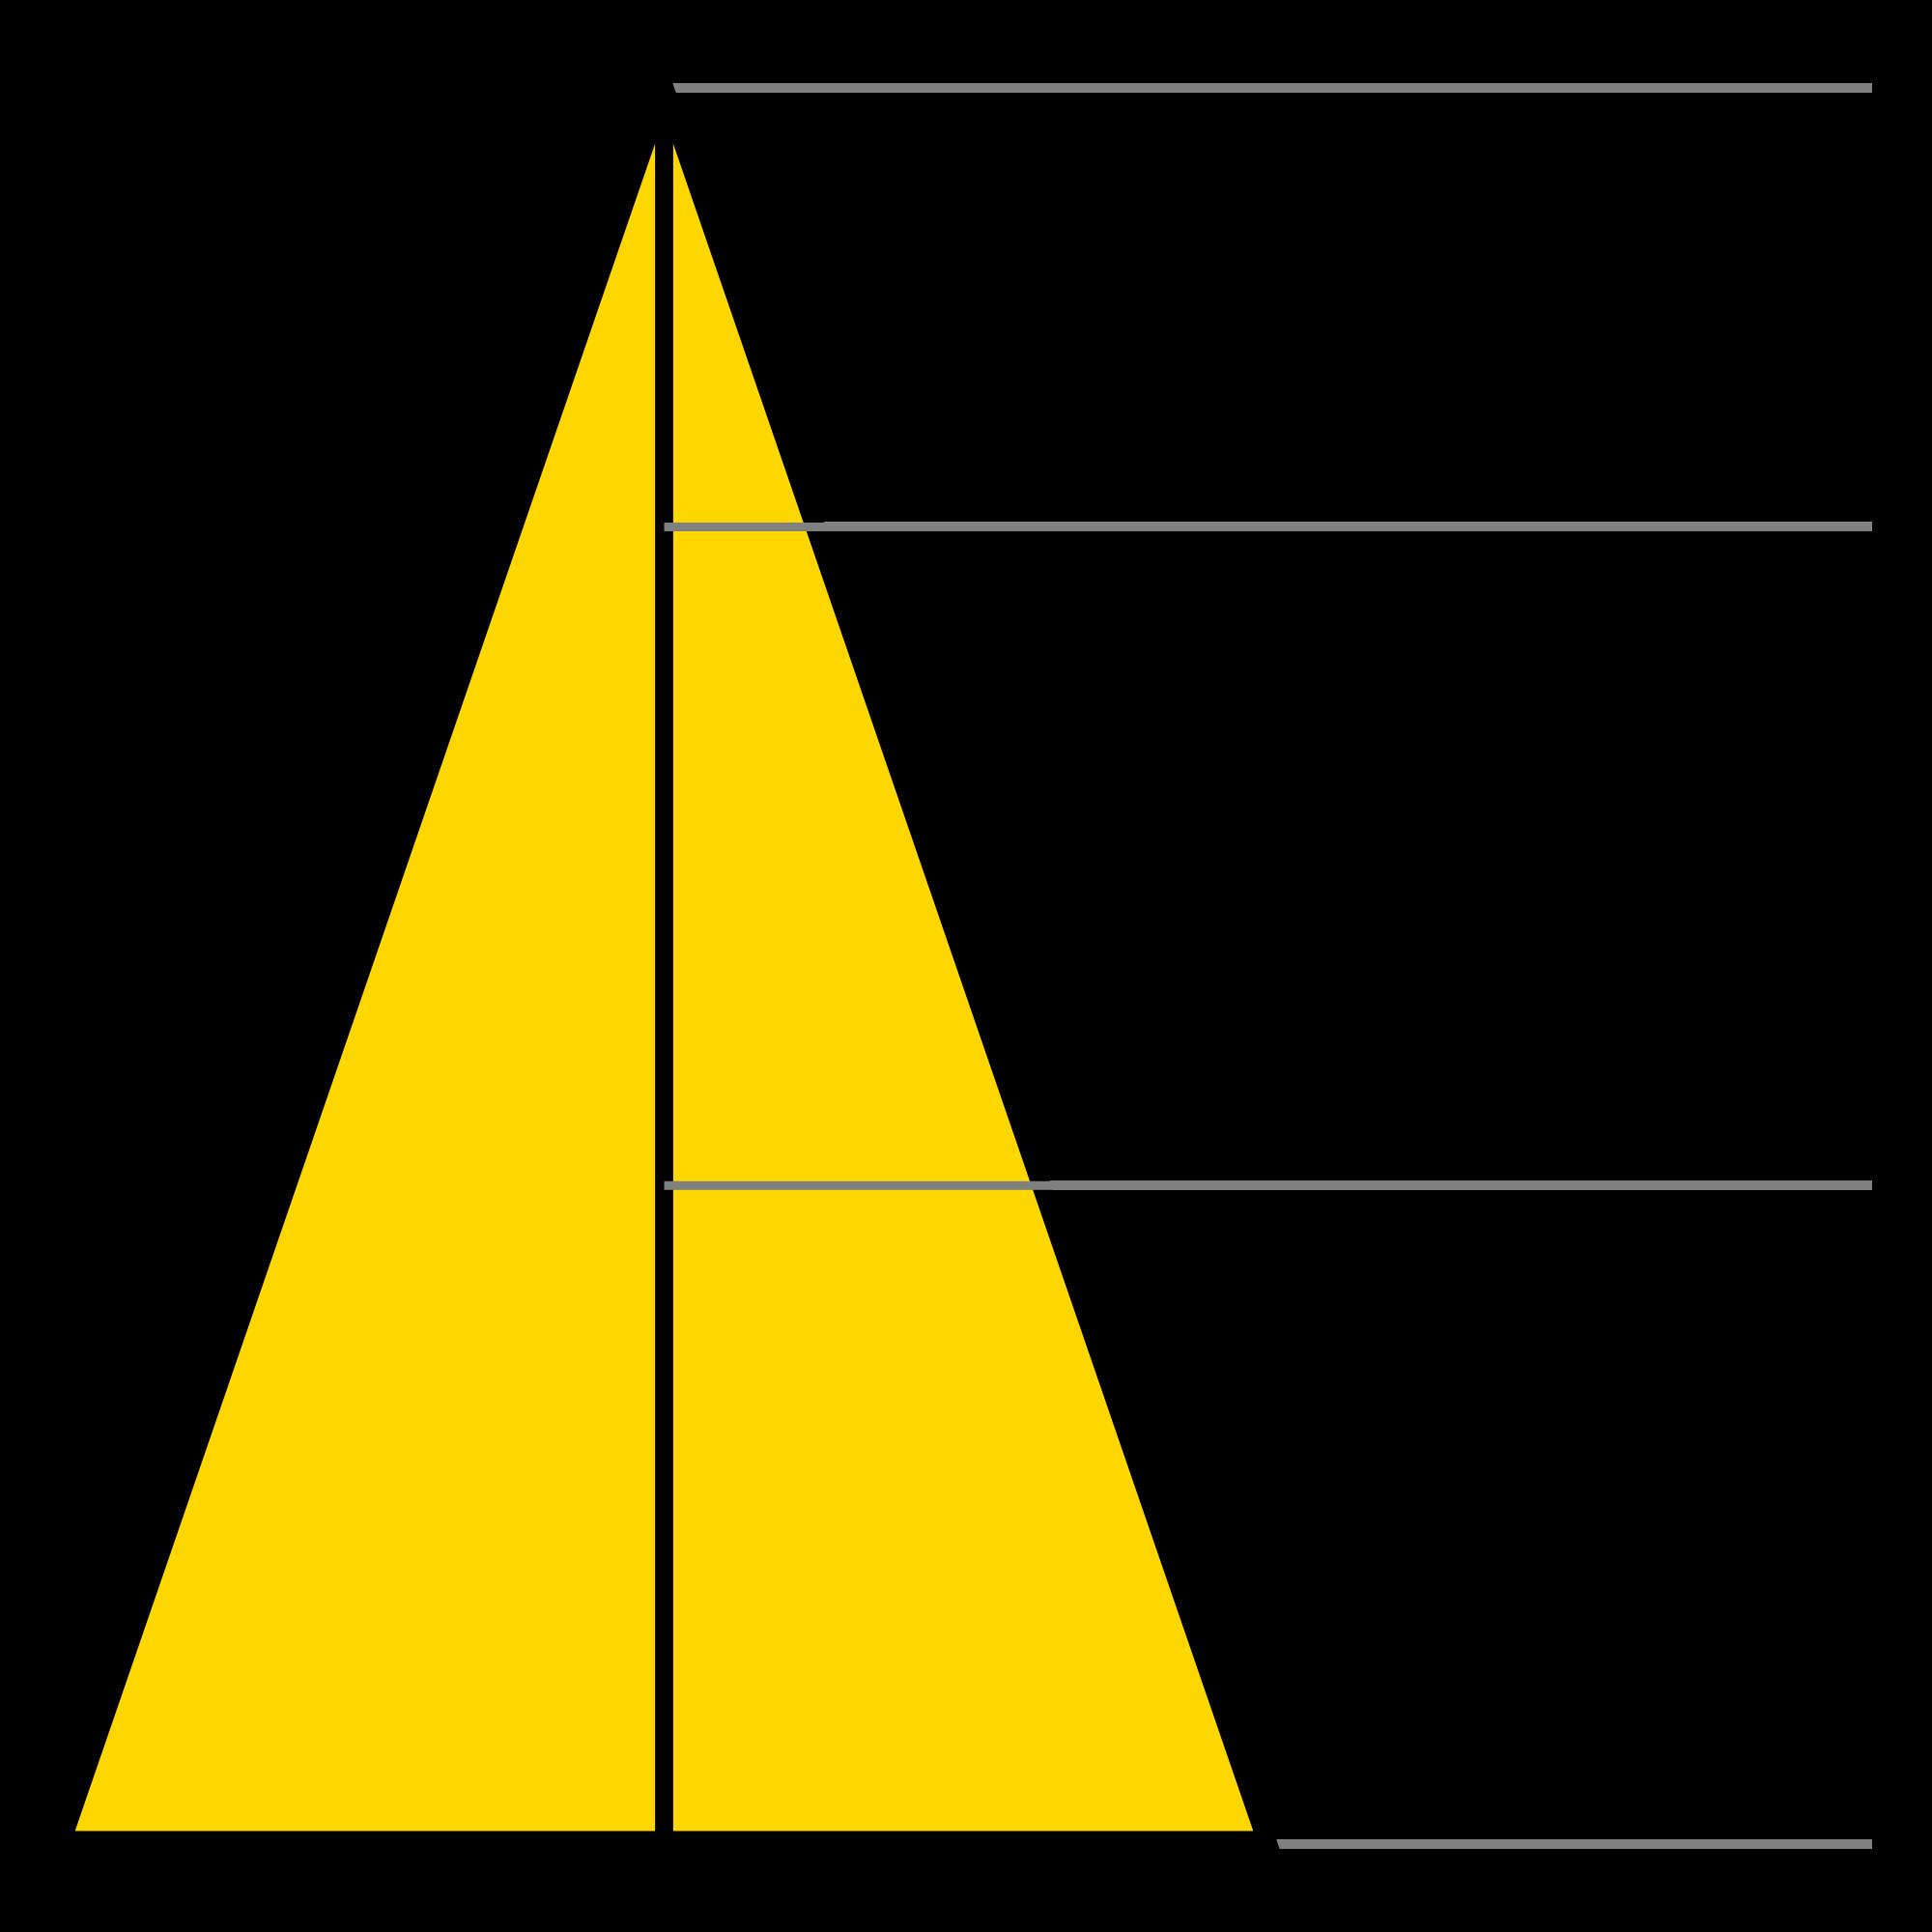 Pyramid svg #6, Download drawings